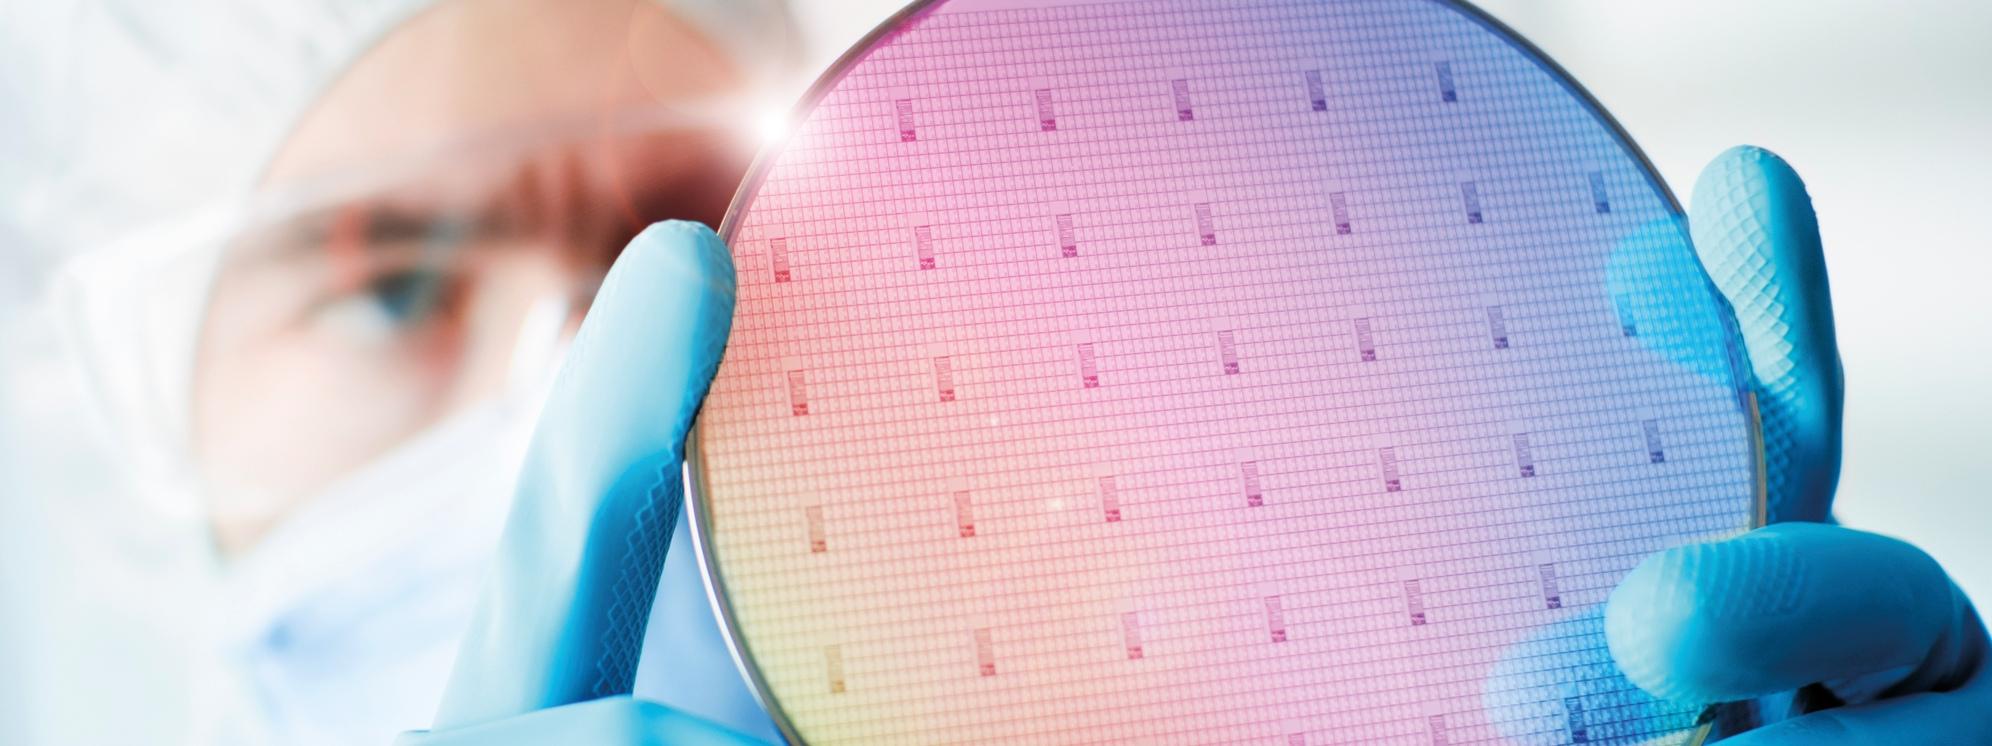 Большой обзор Lam Research и полупроводниковой индустрии